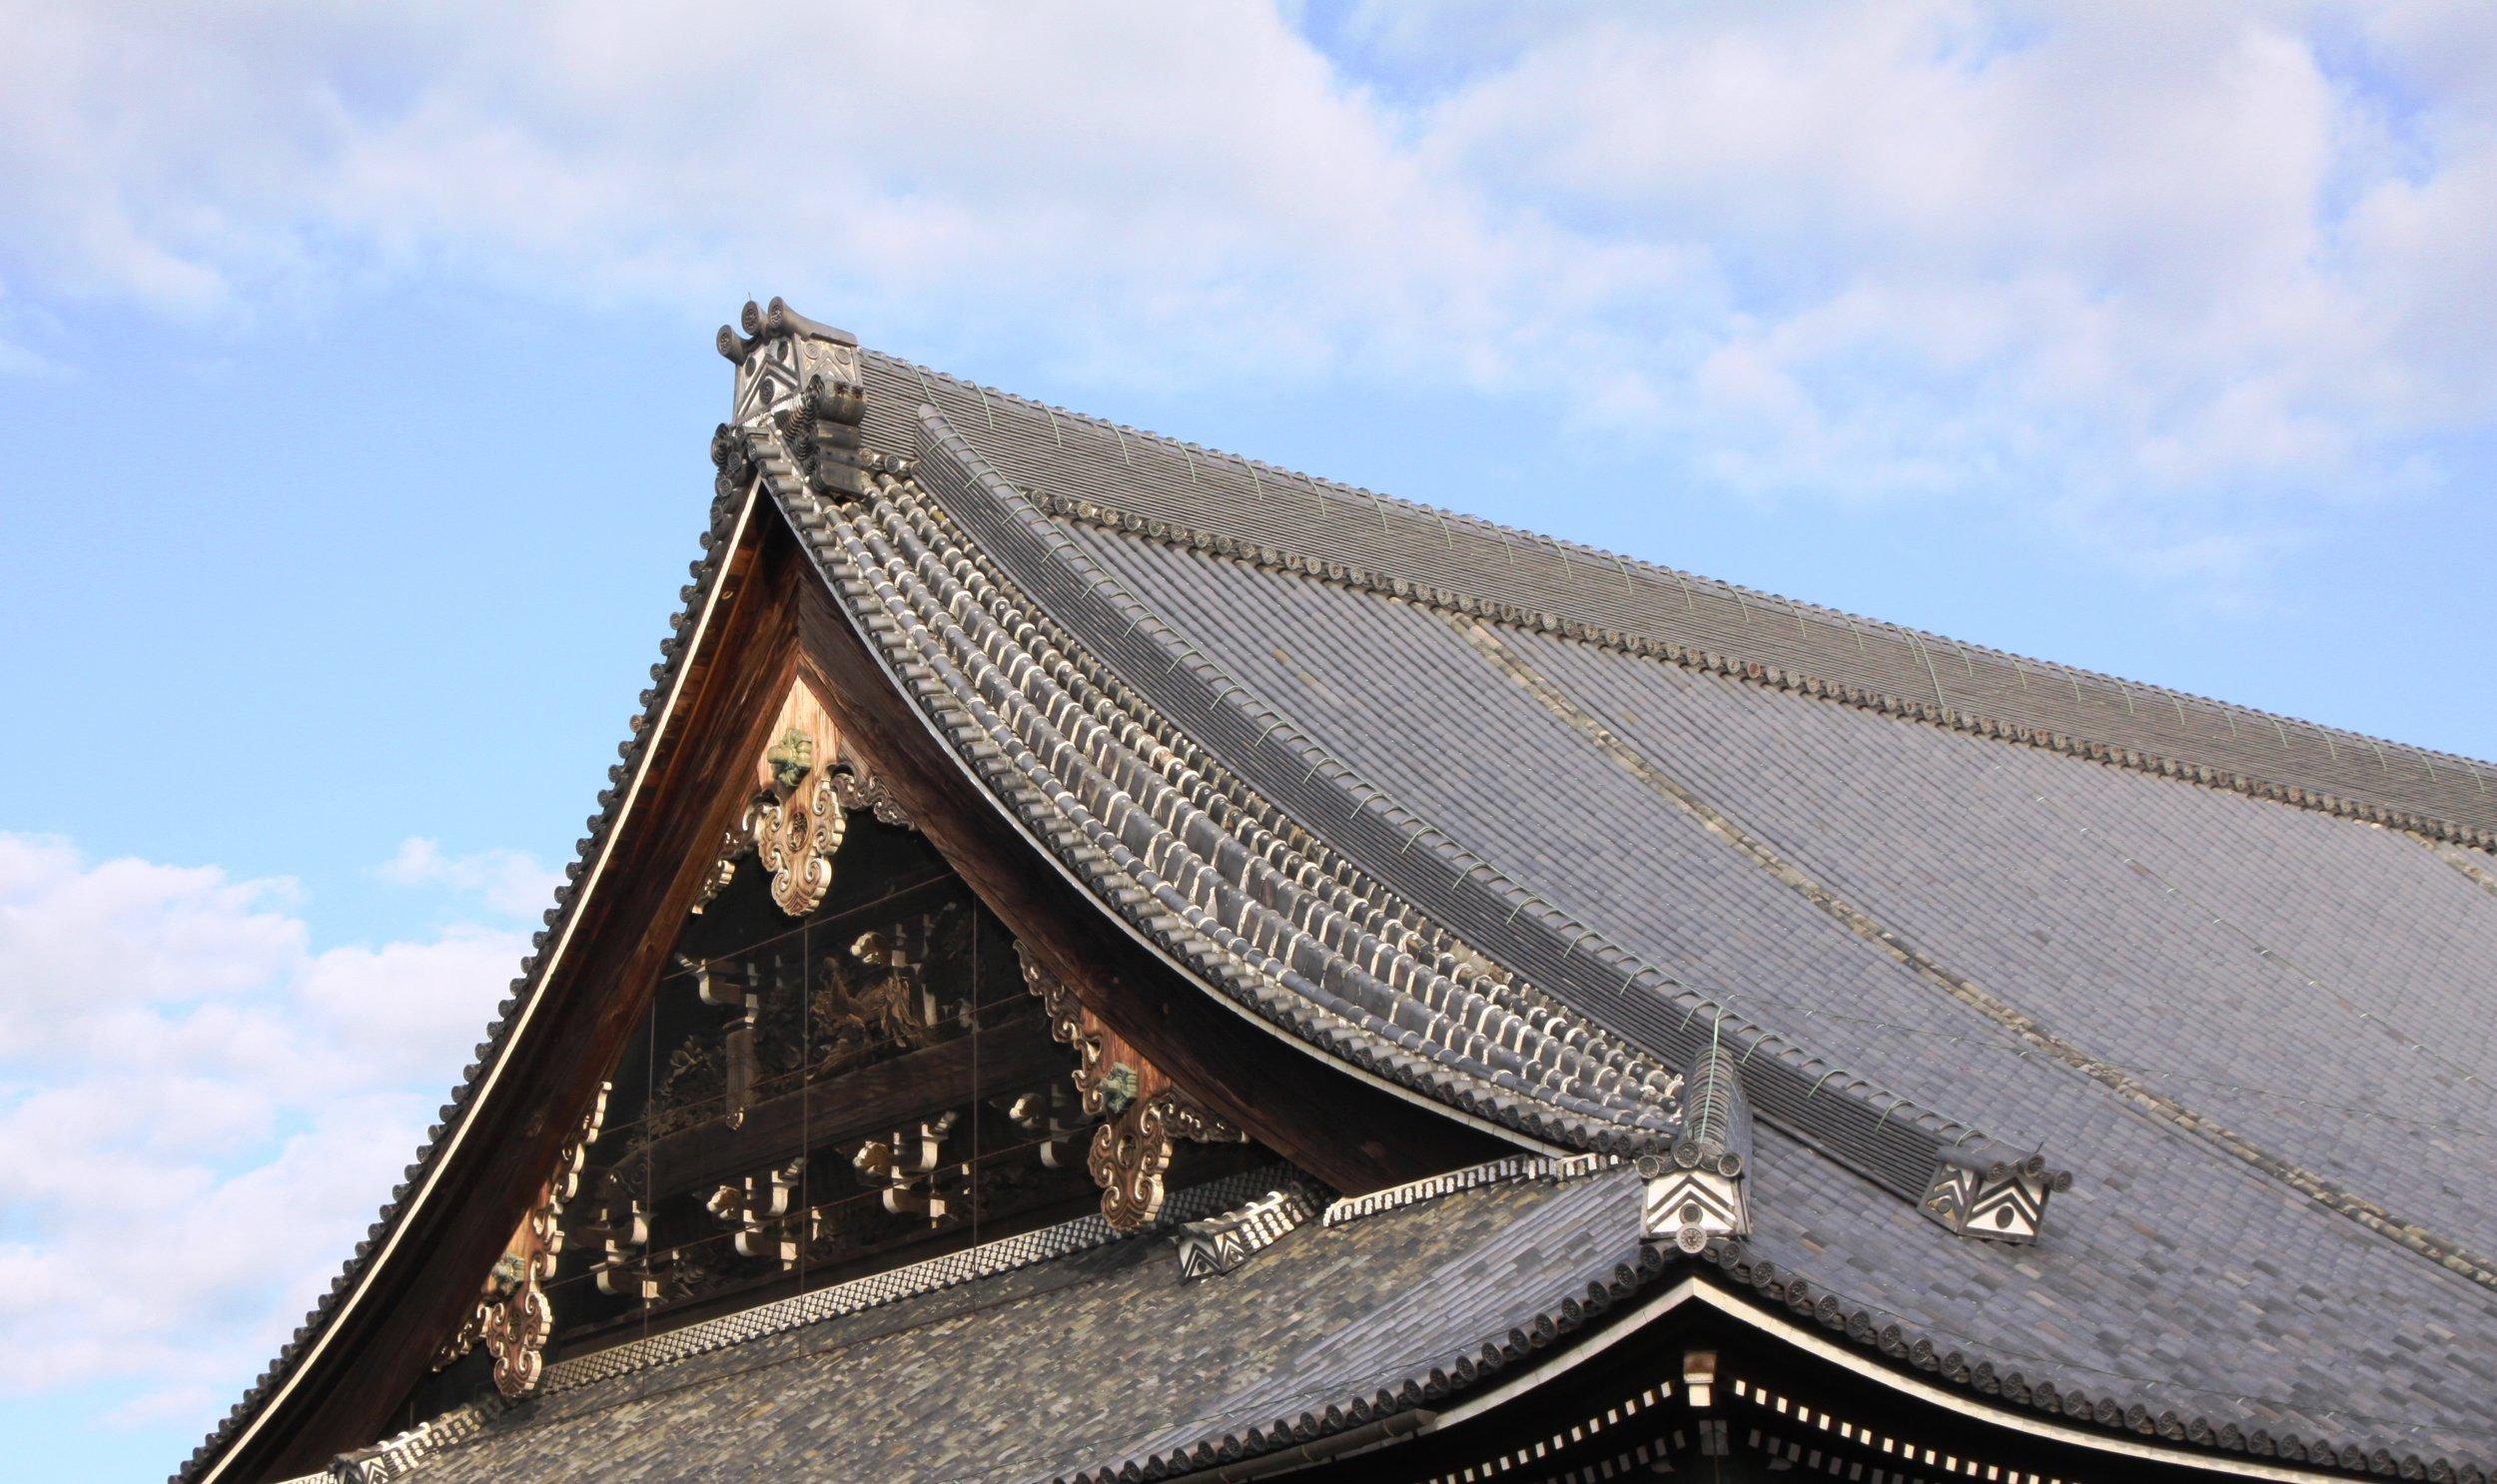 Nishi-hongan-ji